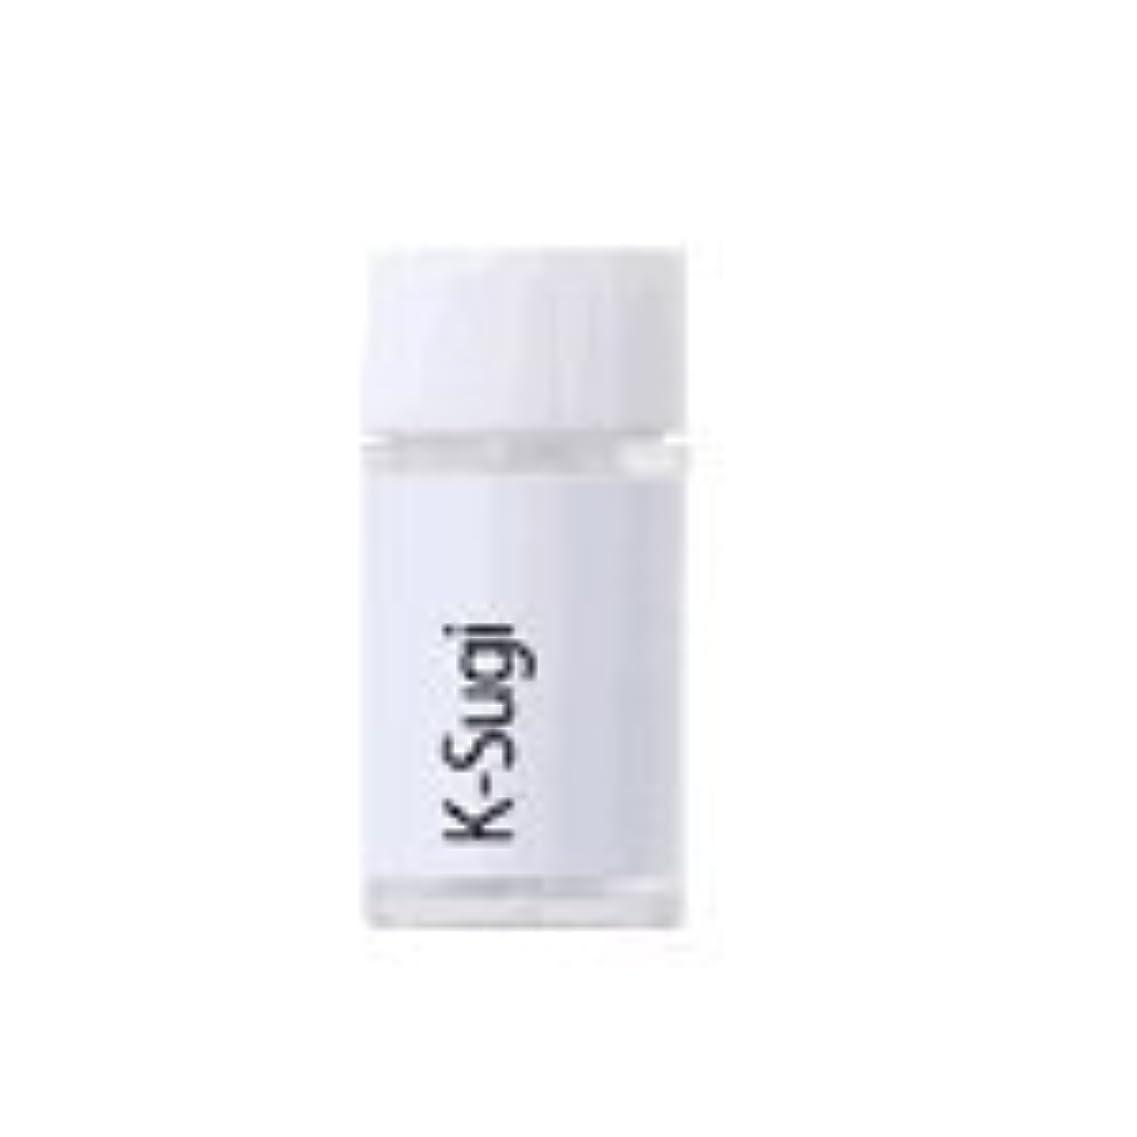 スロー記念碑的なオンKシリーズ レメディー 単品 (小ビン(1.5g/約30粒), K-Sugi)